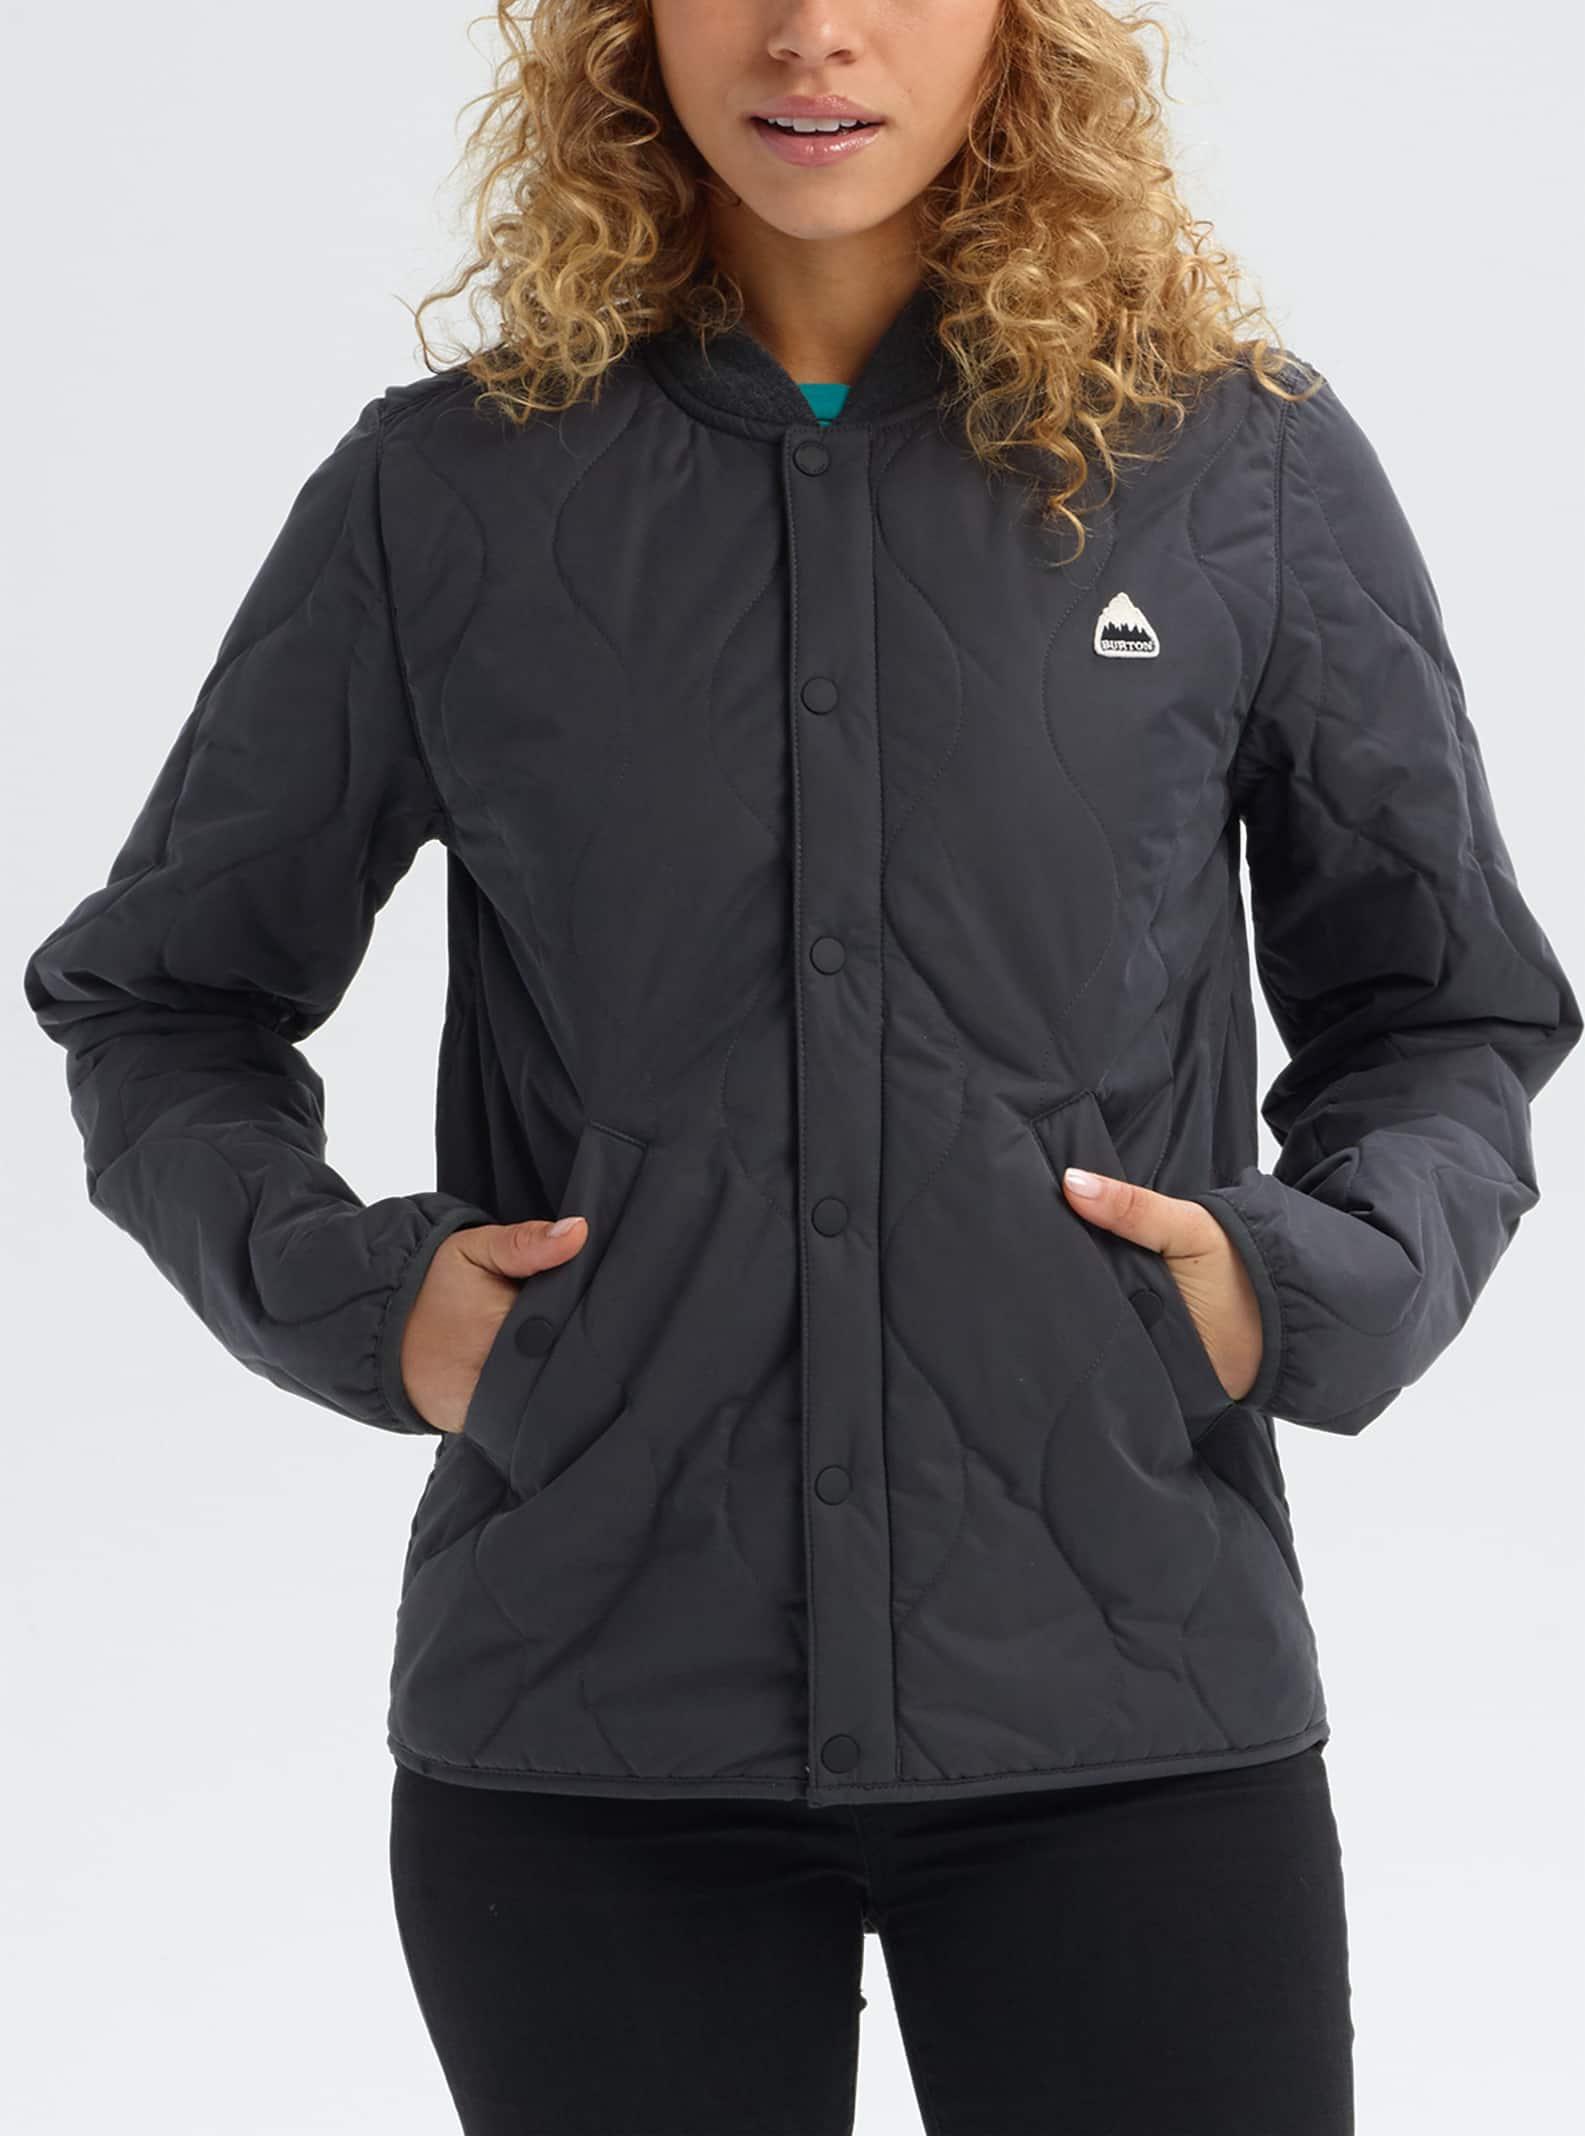 a3c7cd50cb9 Women's Snowboard Jackets | Burton Snowboards